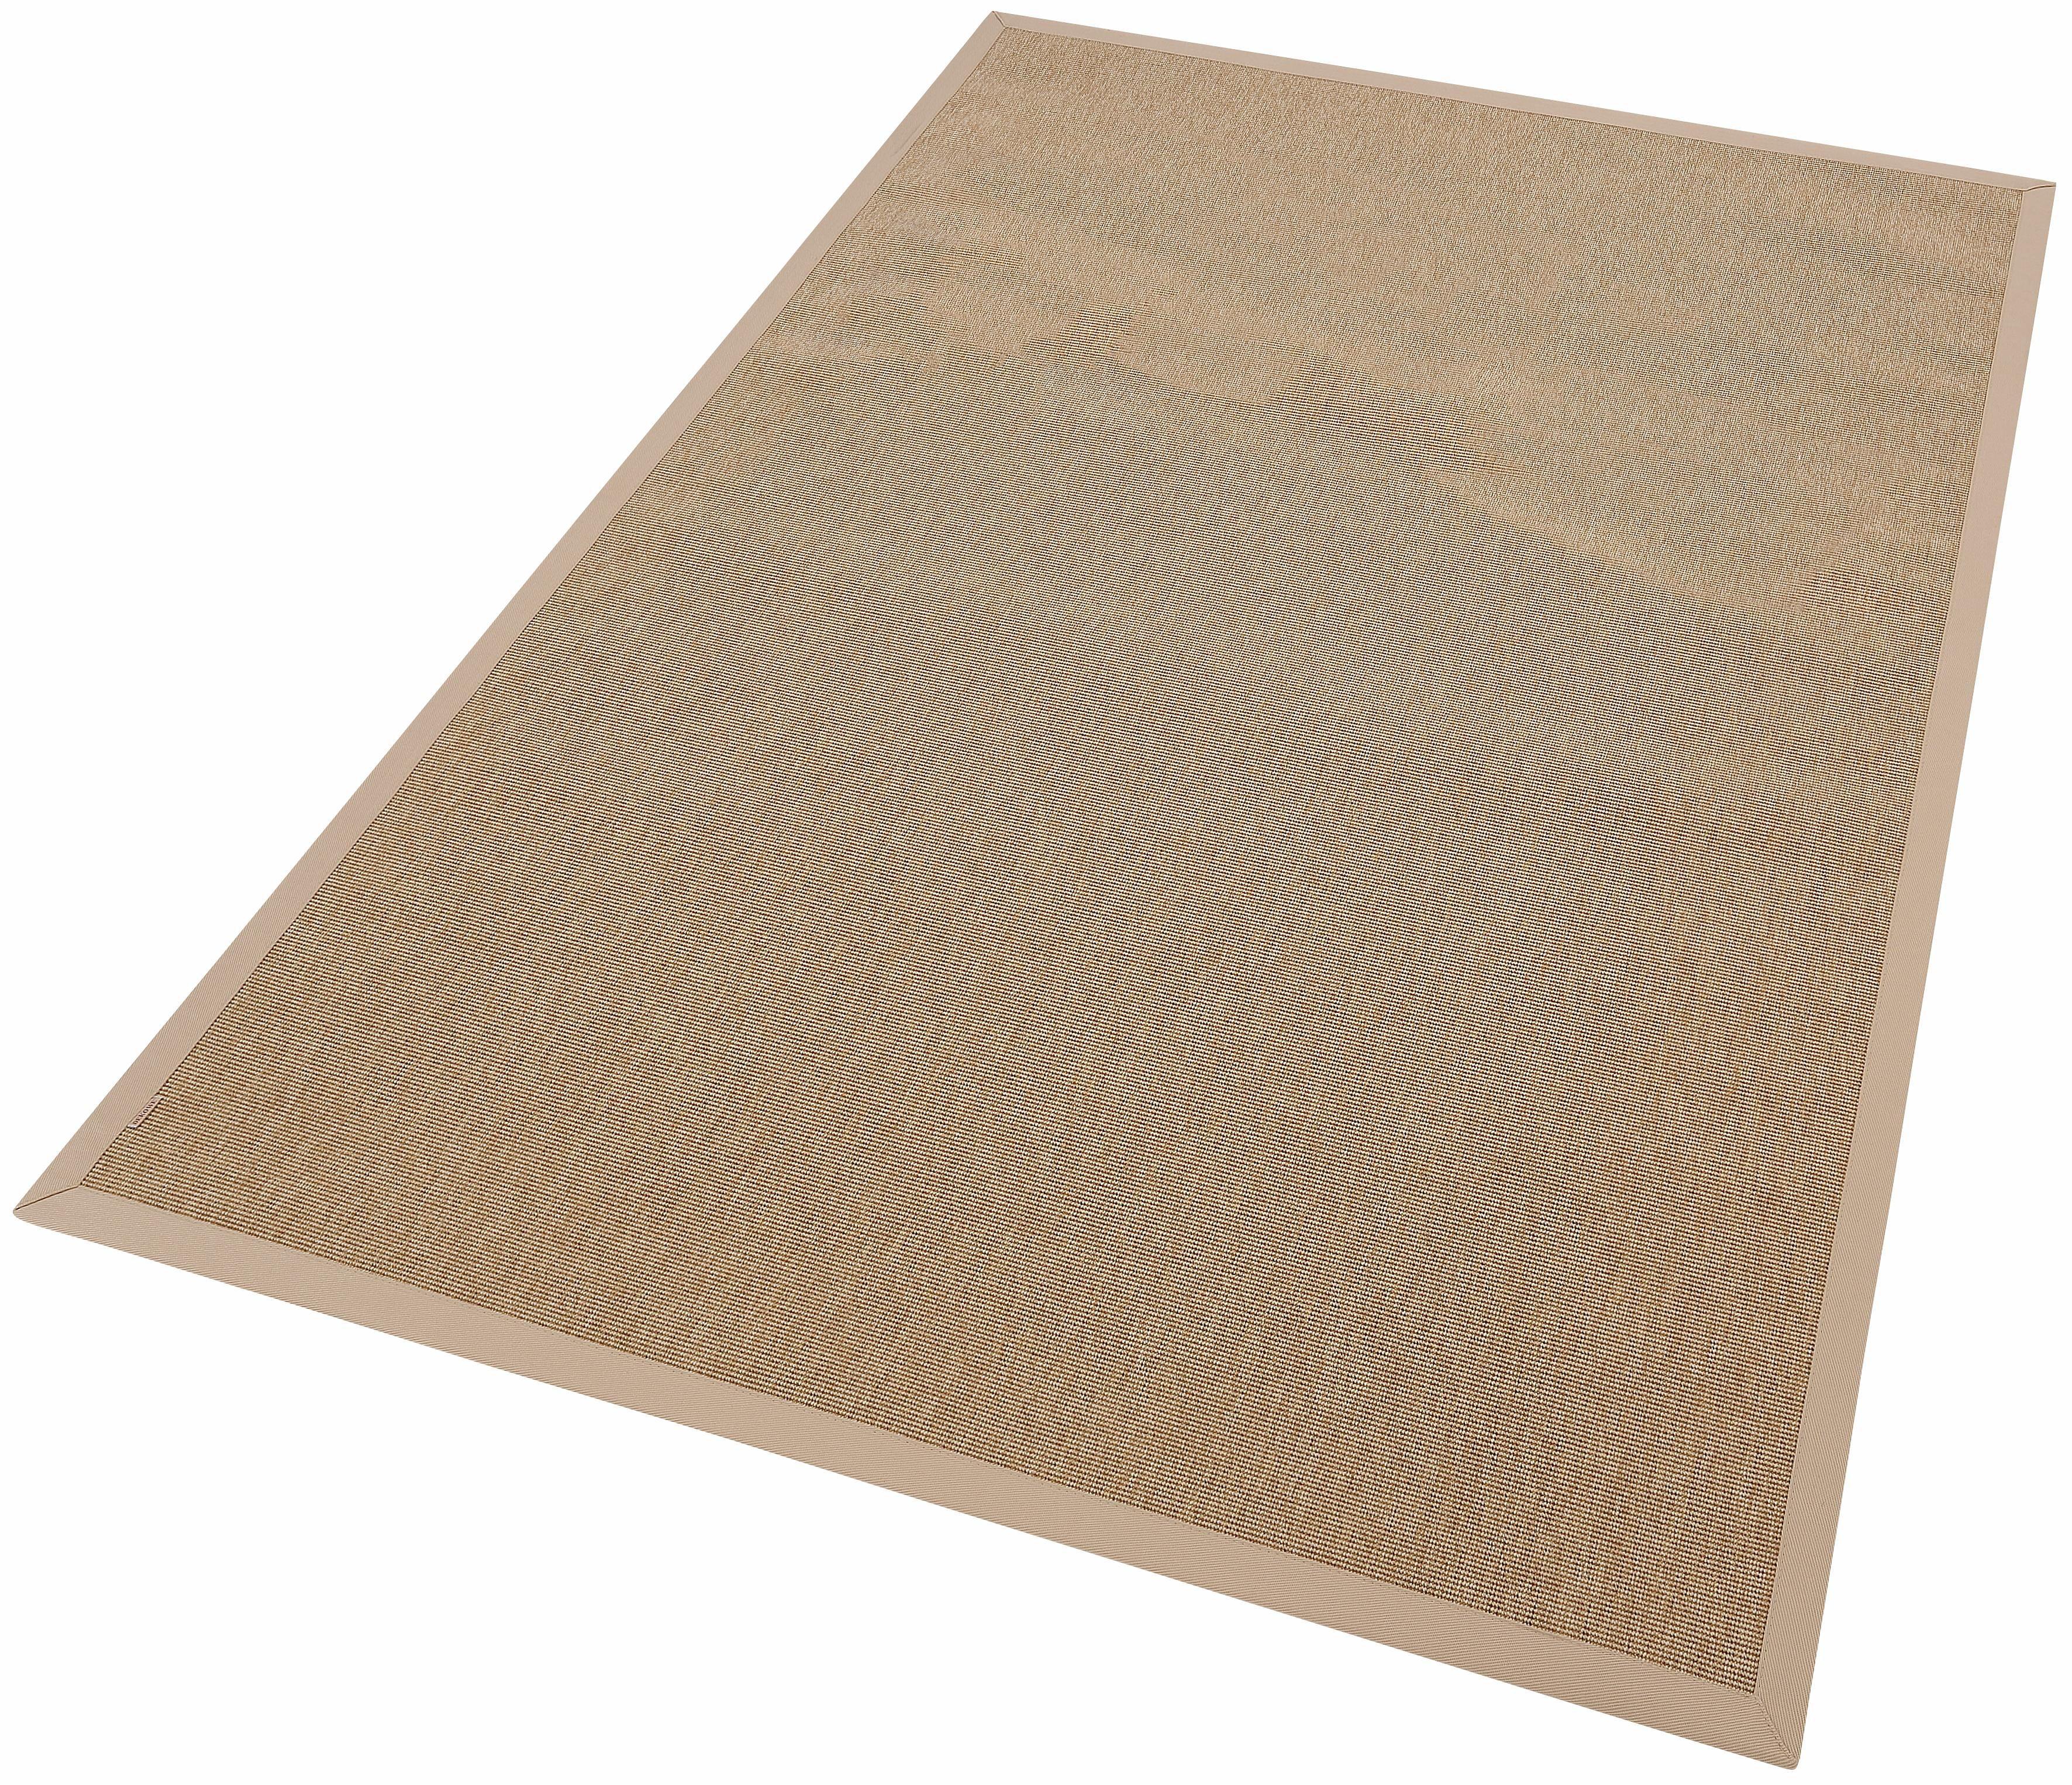 Teppich Naturino Rips Dekowe rechteckig Höhe 7 mm maschinell gewebt